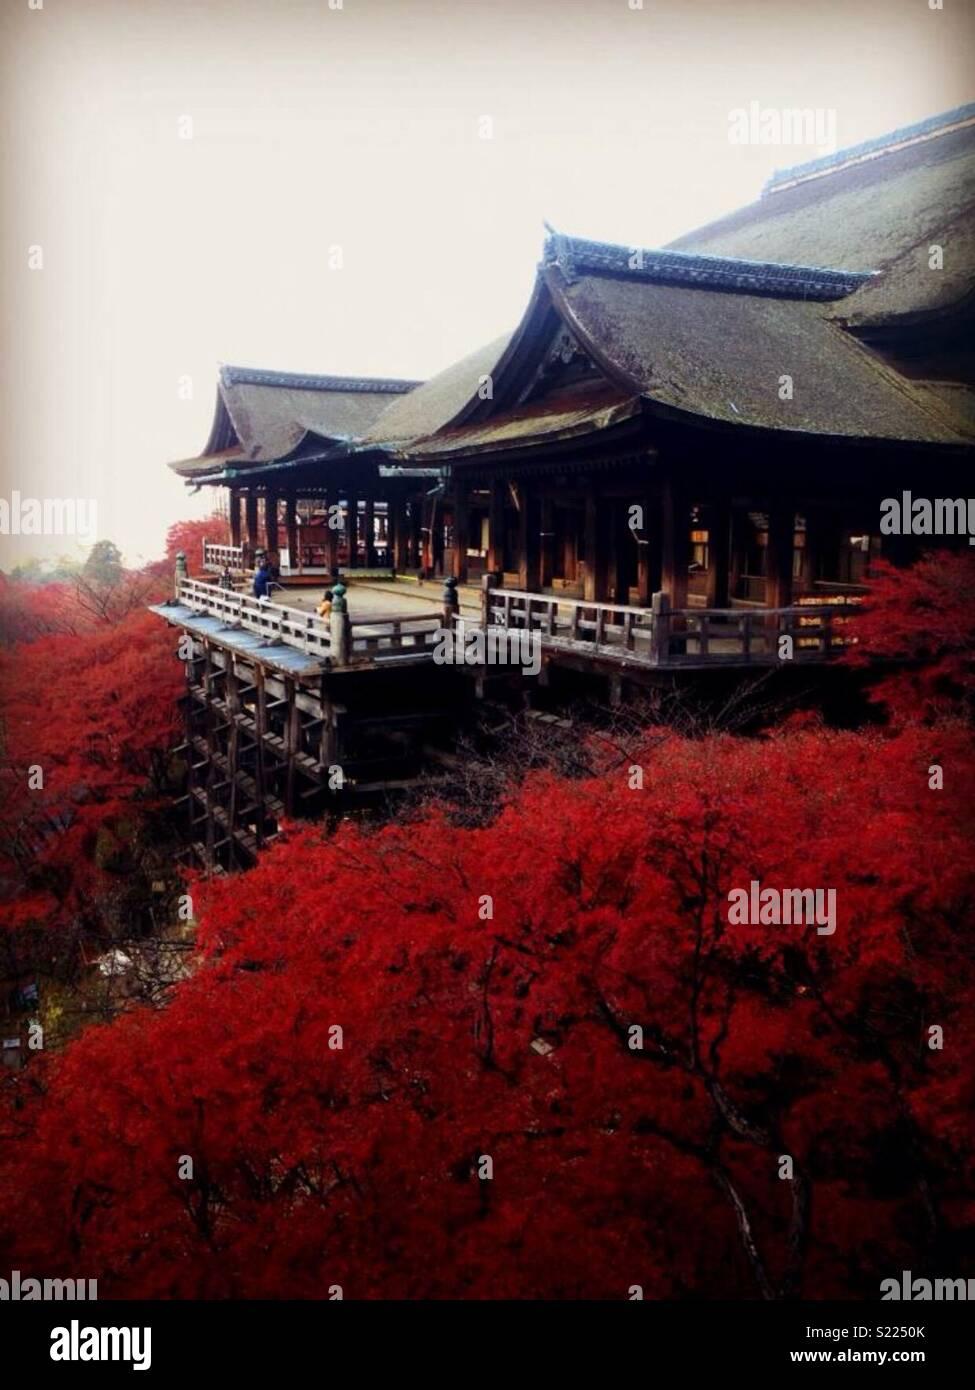 kiyomizu temple, Kyoto, japan - Stock Image